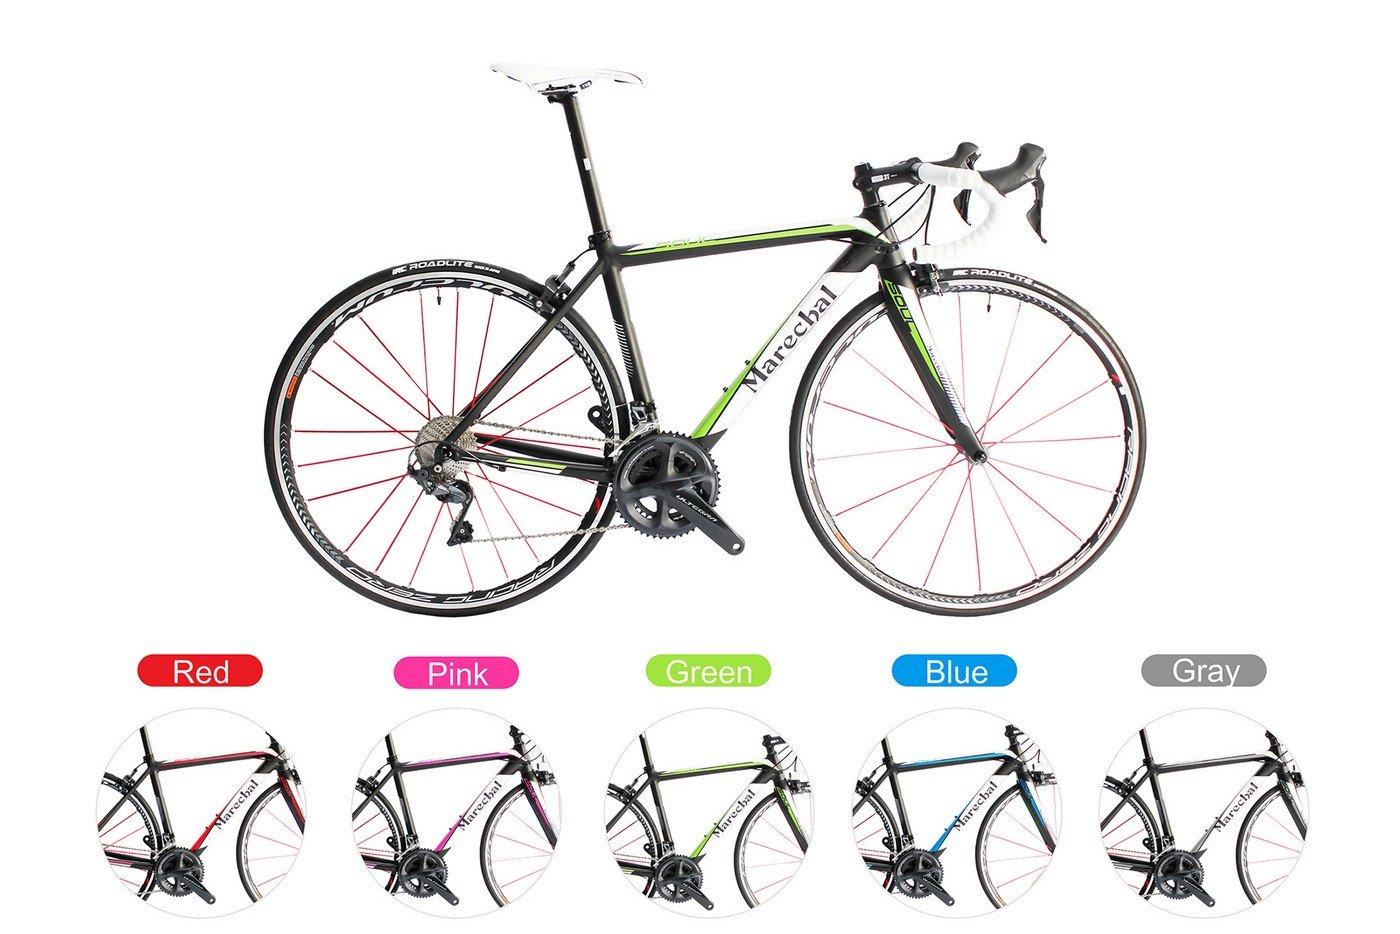 Marechal (マルシャル) Soul Road Bike Bicycle w/R8000 50/34T 170mm & Fulcrum (フルクラム) Racing Zero Red Rim ロードバイク Shimano(シマノ) R8000グループ サイズ 45/47/50/52cmから選択可 [並行輸入品] B07CCJMSYC 45cm|Pink Pink 45cm